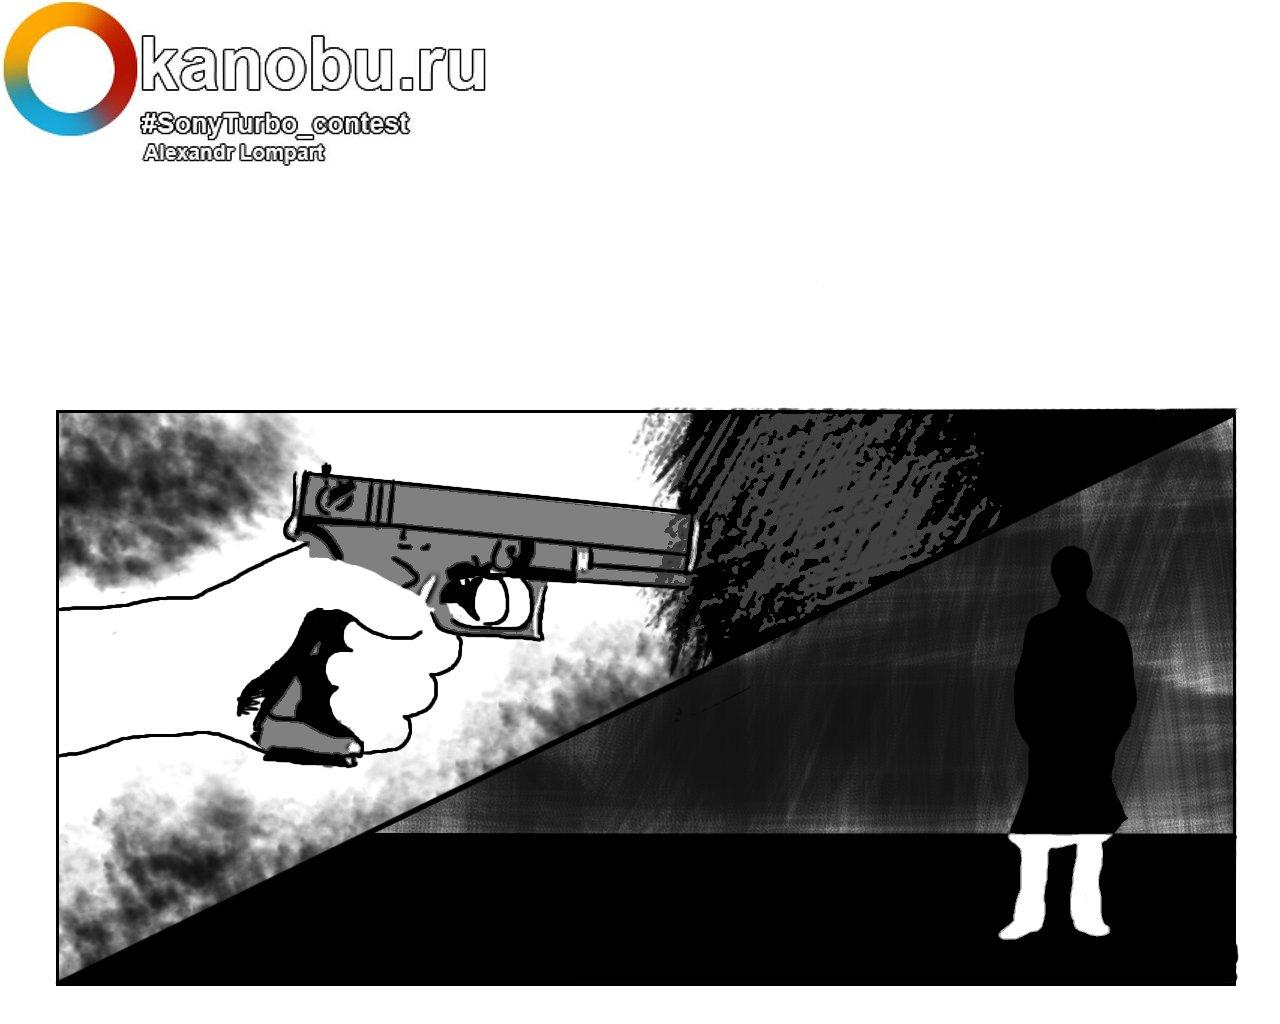 Джеймс Боуви - Изображение 5